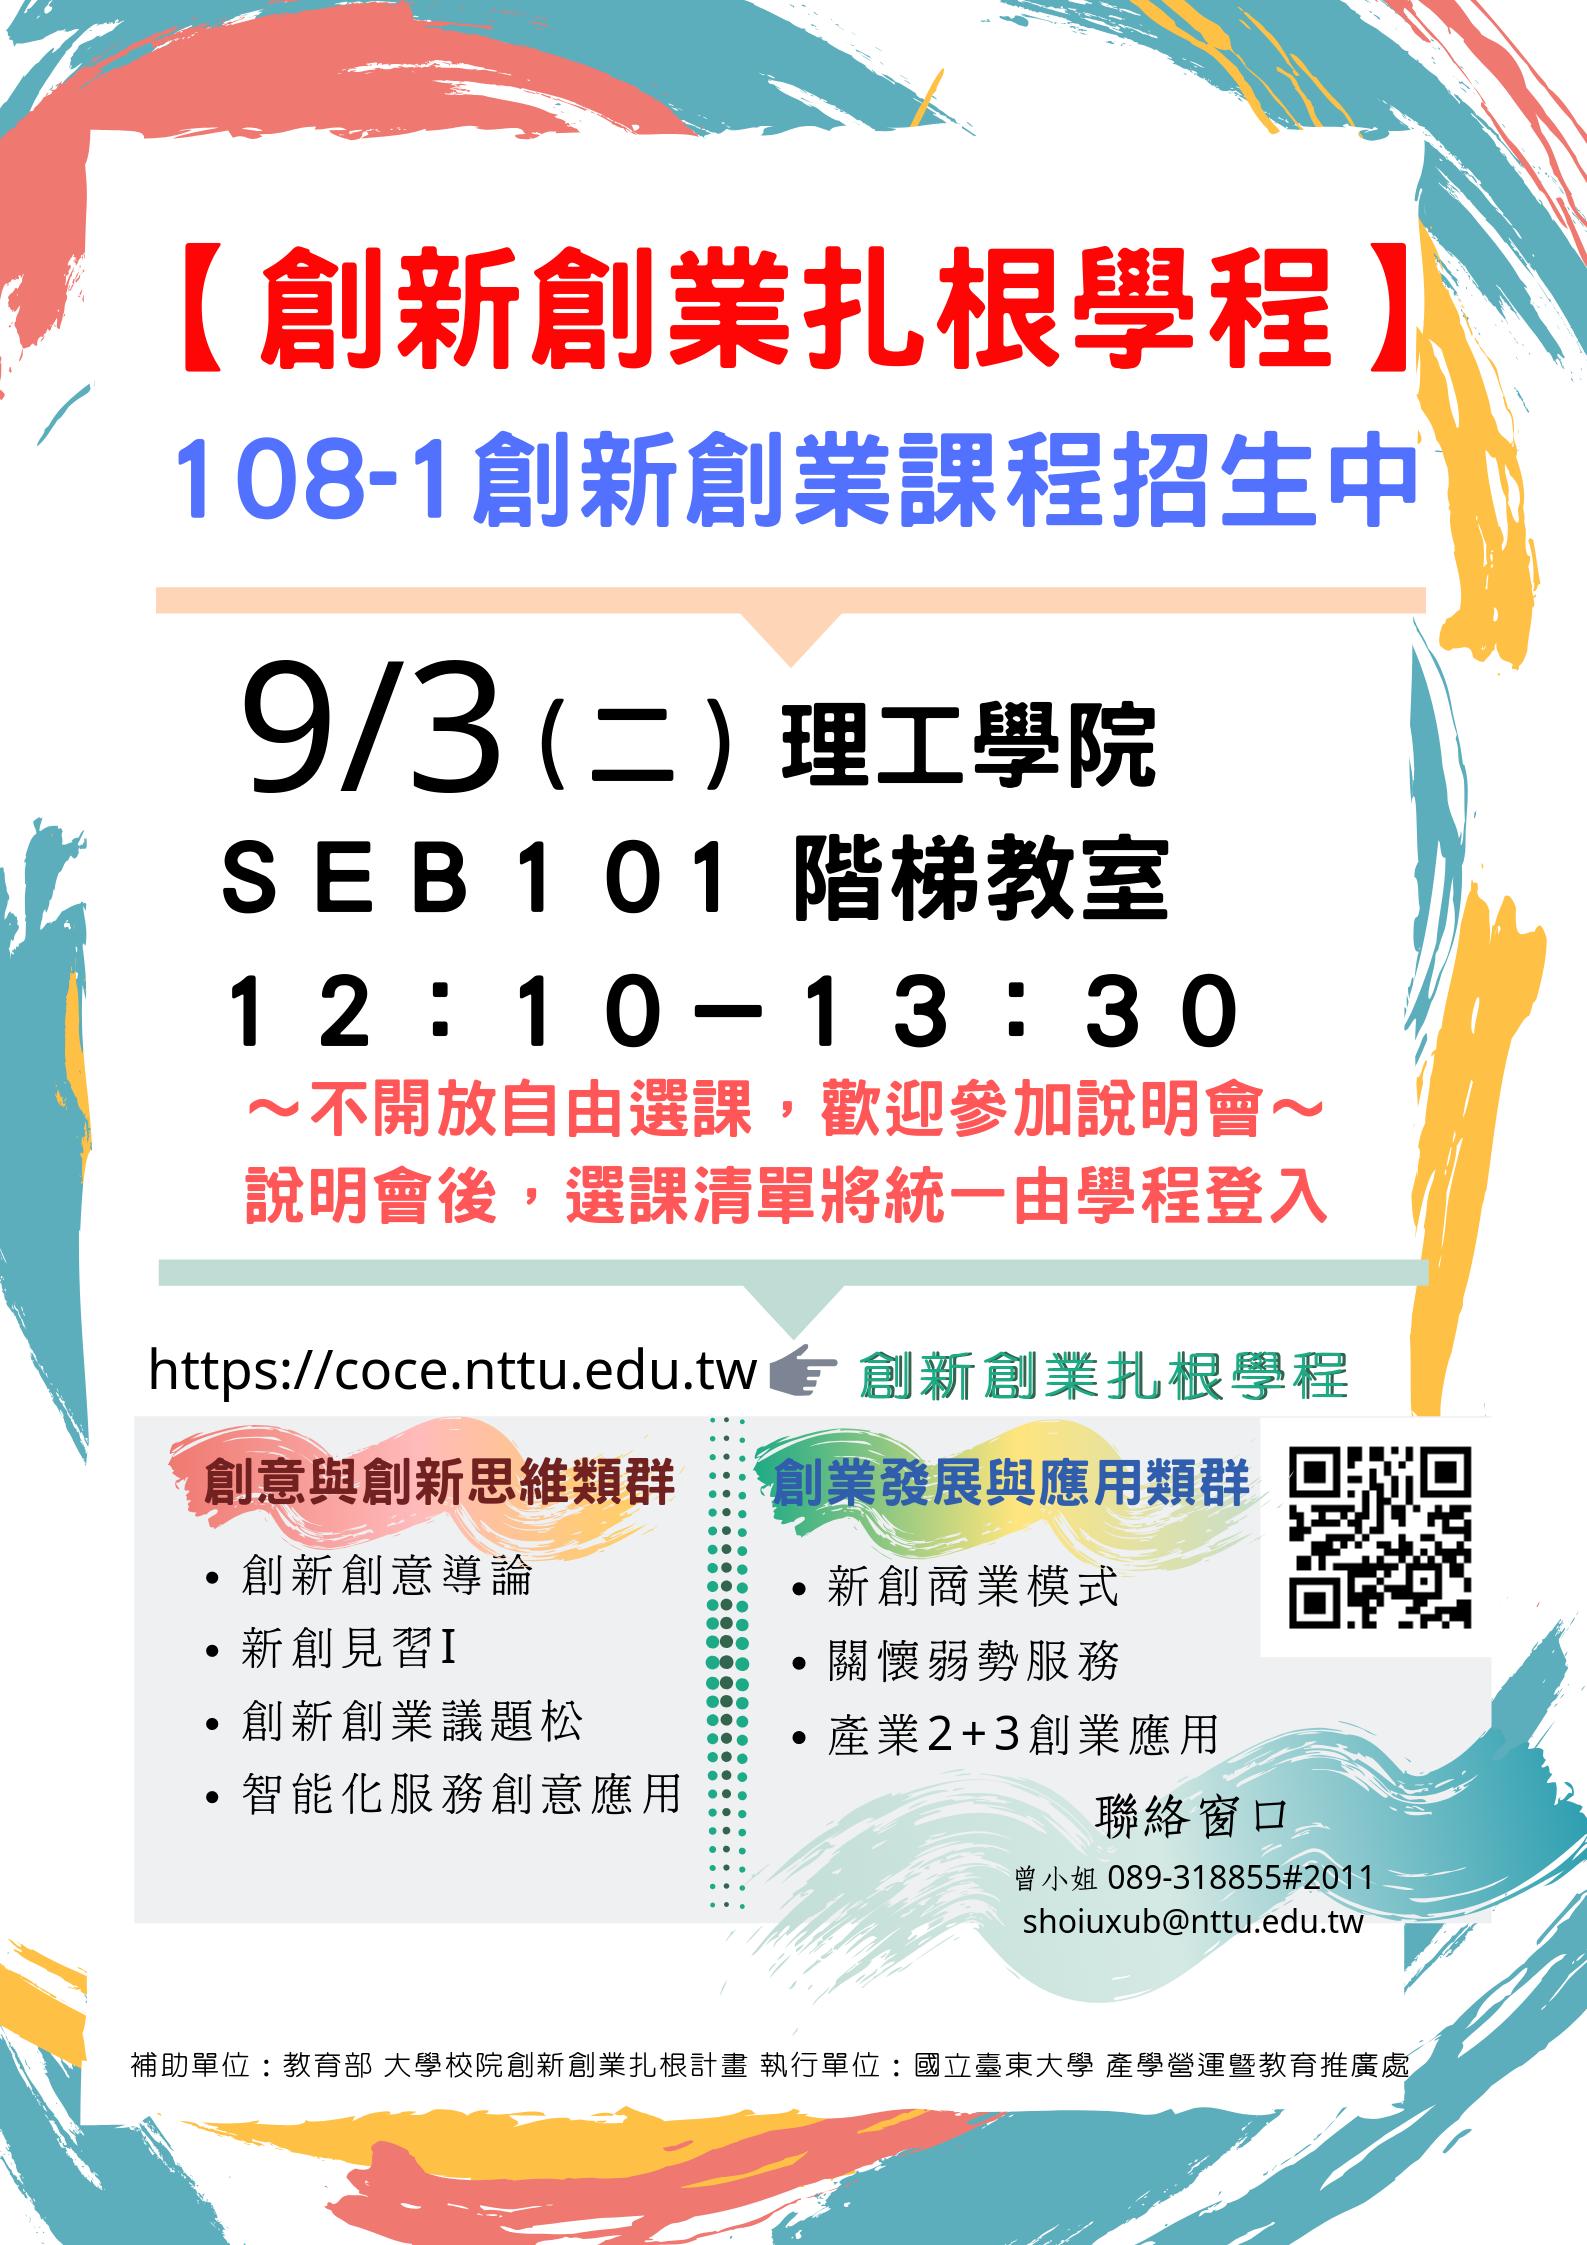 10801創業學程招生中